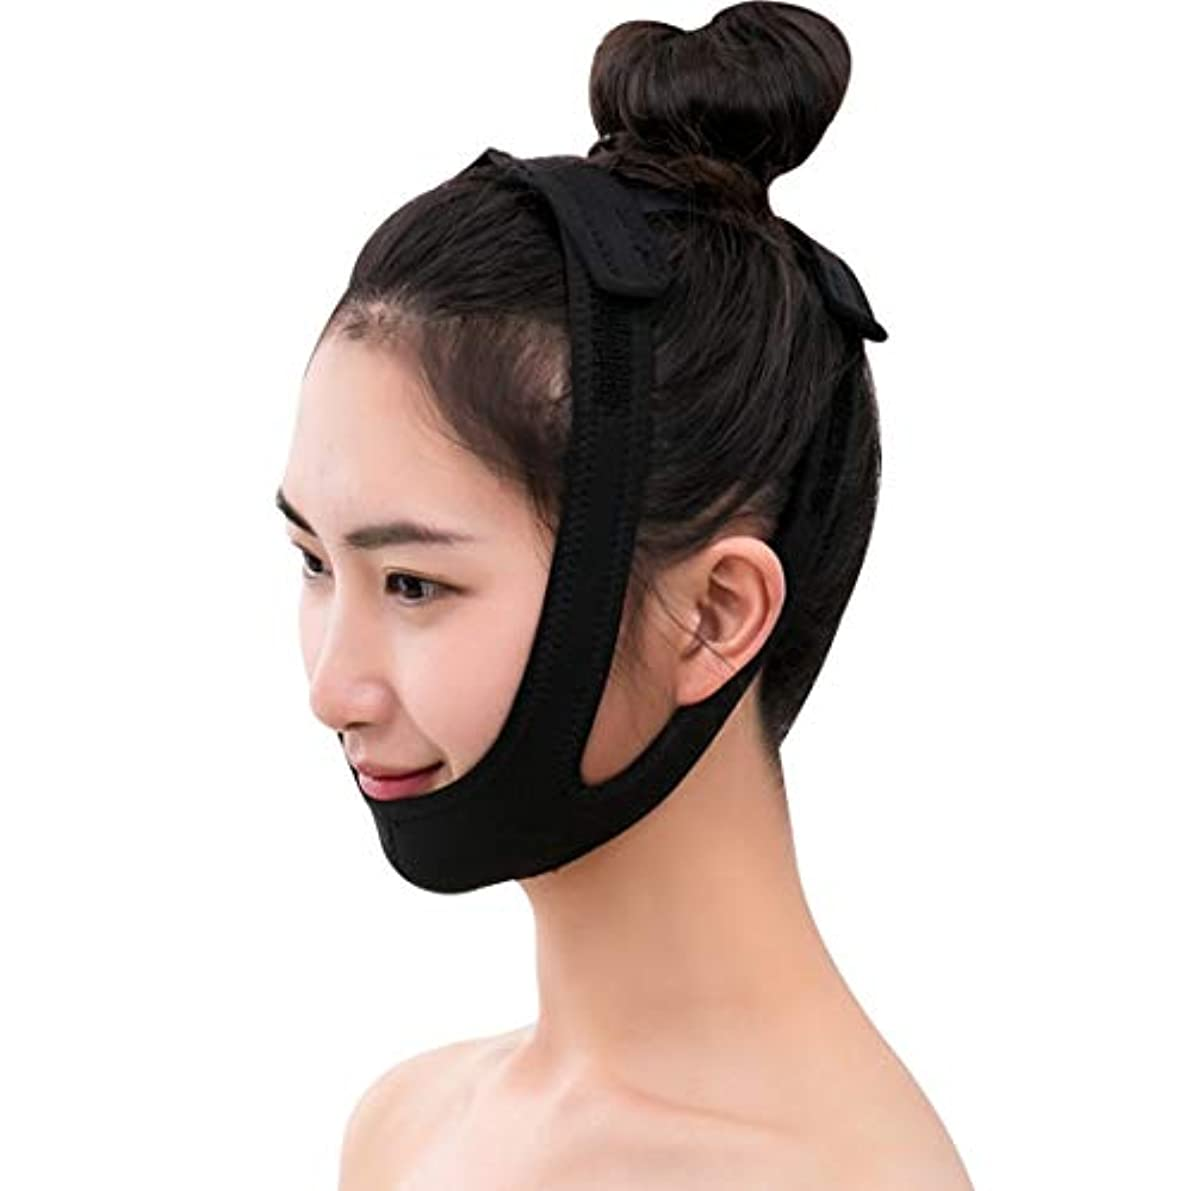 フロンティアトリッキー縫い目ZWBD フェイスマスク, フェイスリフティング包帯マスク小さなVフェイス包帯はツールで引くことができます睡眠薄い顔の顔の持ち上がる美顔のマッサージ調整可能なサイズブラック